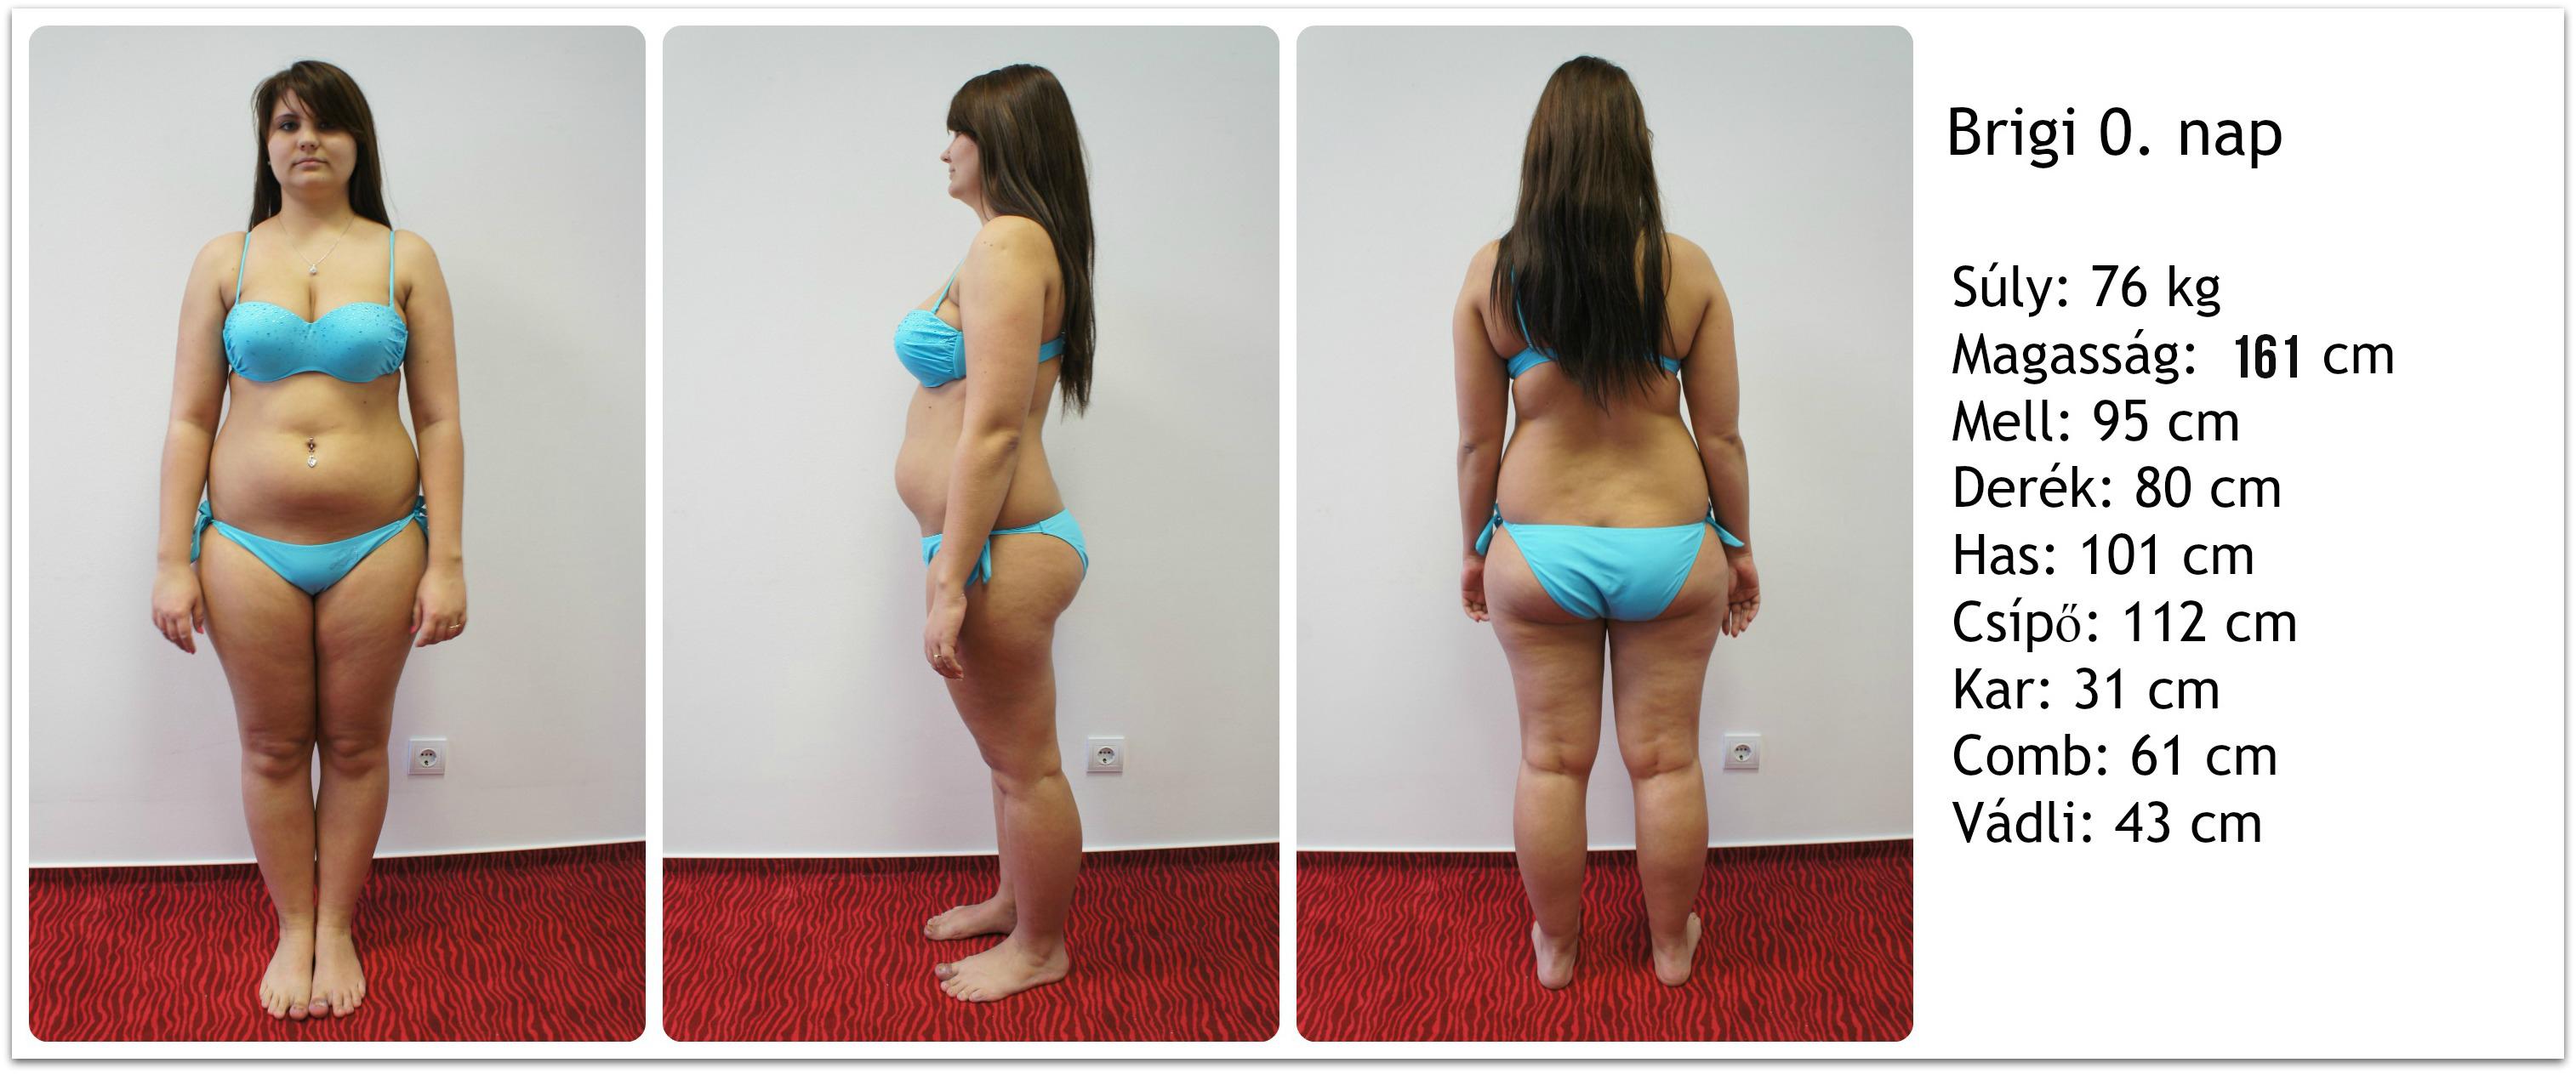 Végezd ezeket a gyakorlatot mindennap, és hetente 3 kilót fogsz fogyni | Kuffer